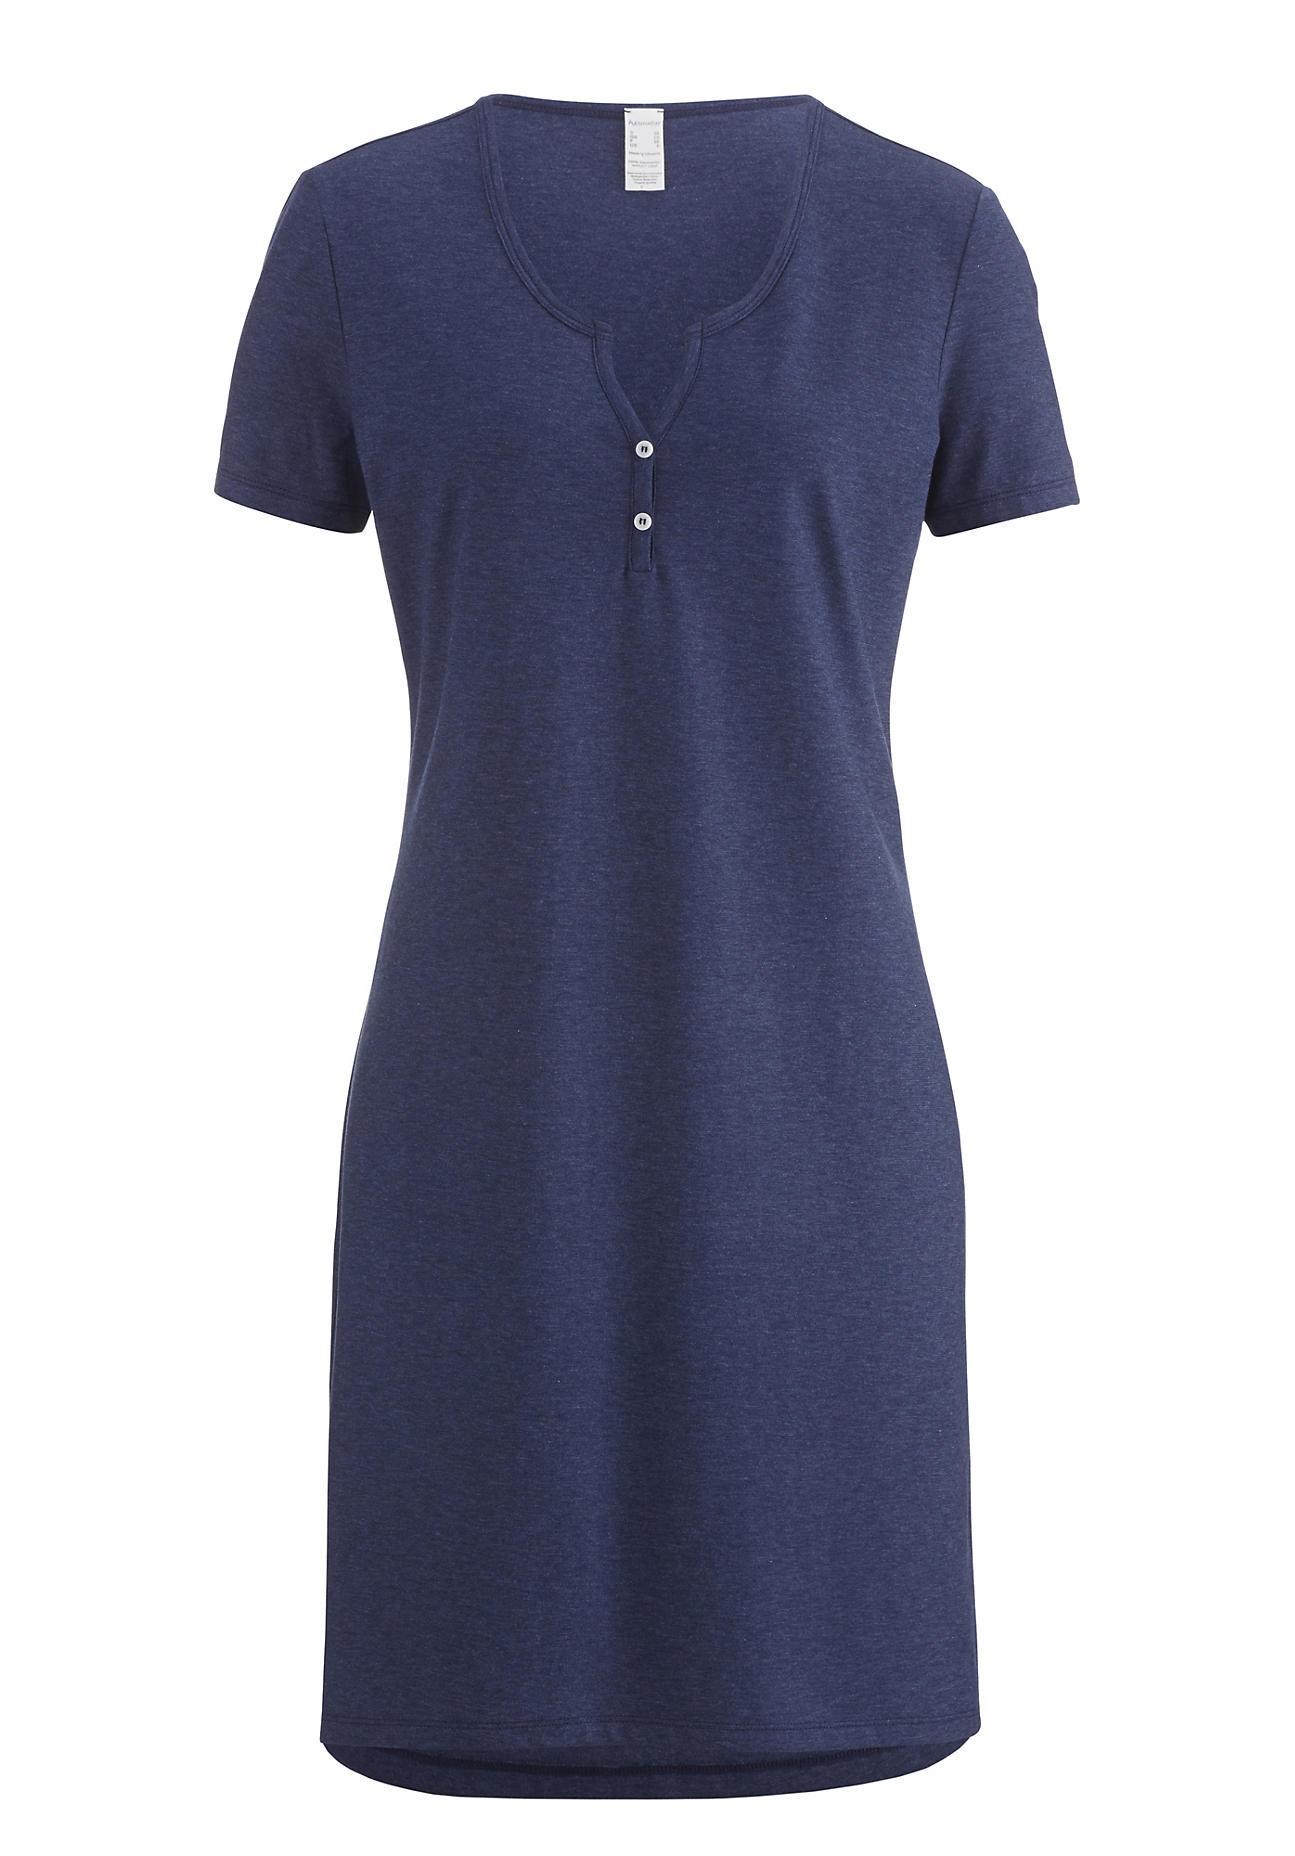 Waesche für Frauen - hessnatur Damen Nachthemd aus Bio Baumwolle – blau – Größe 38  - Onlineshop Hessnatur